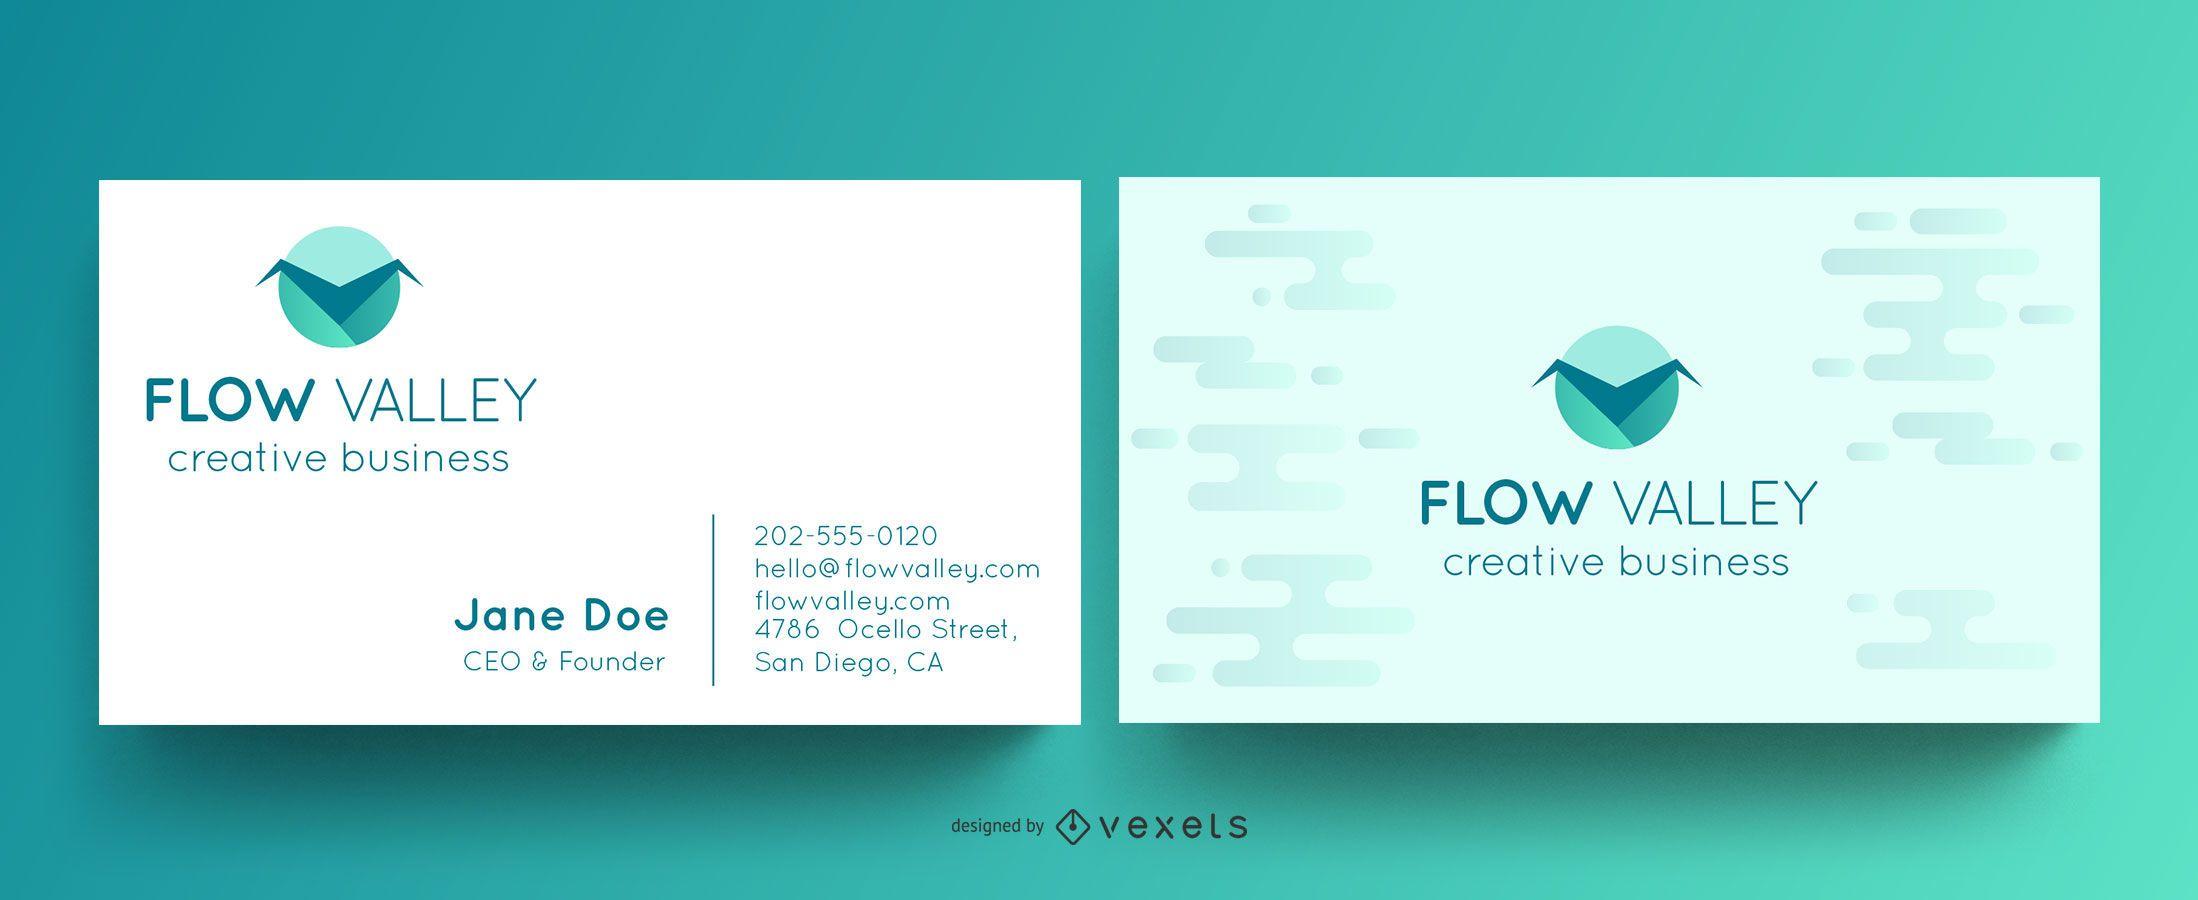 Plantilla de tarjeta de visita de flow valley